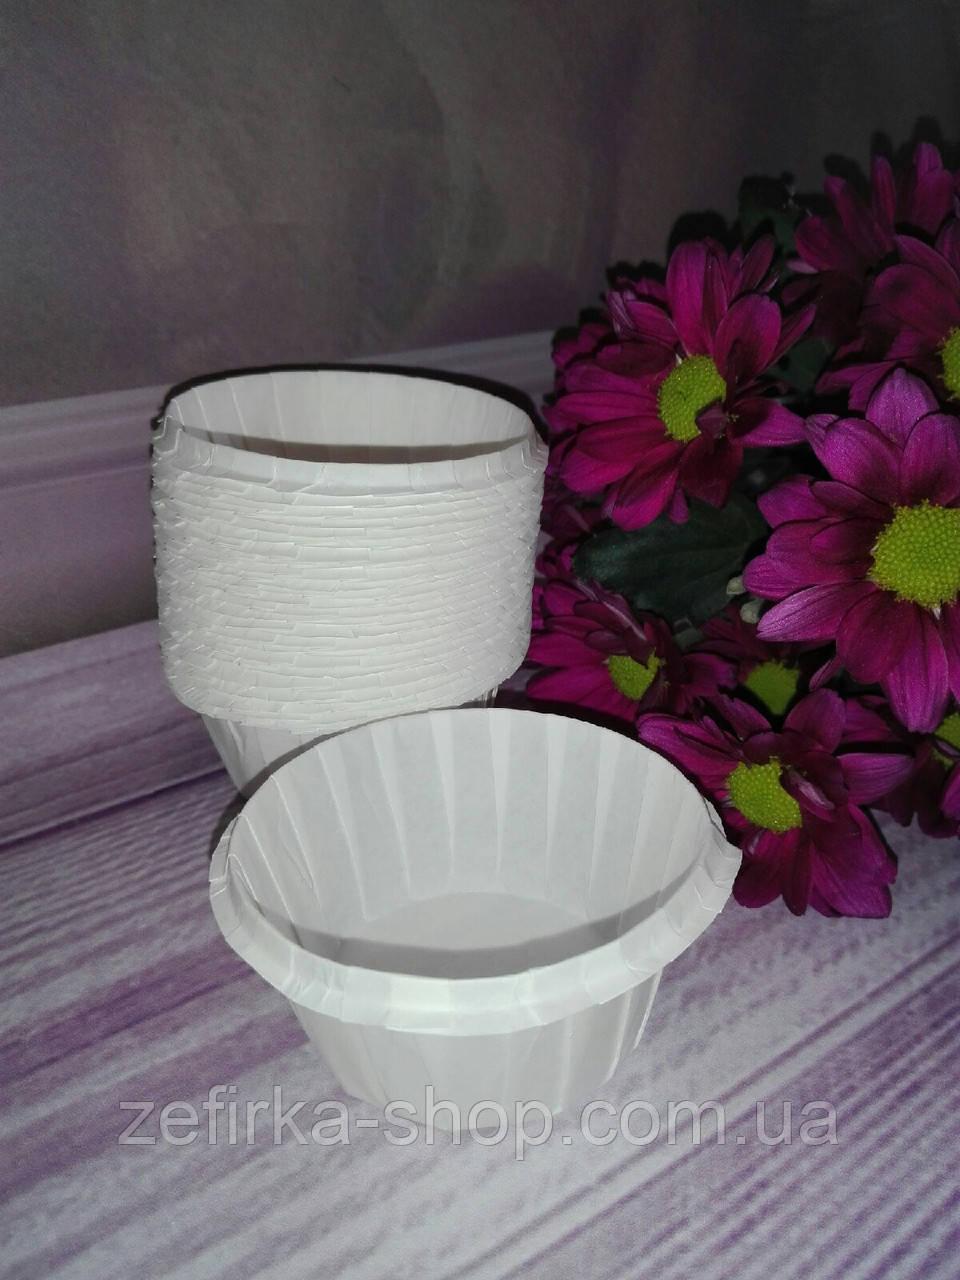 Формы бумажные для кексов усиленные с бортиком белые, 5* 3 см, 10 шт